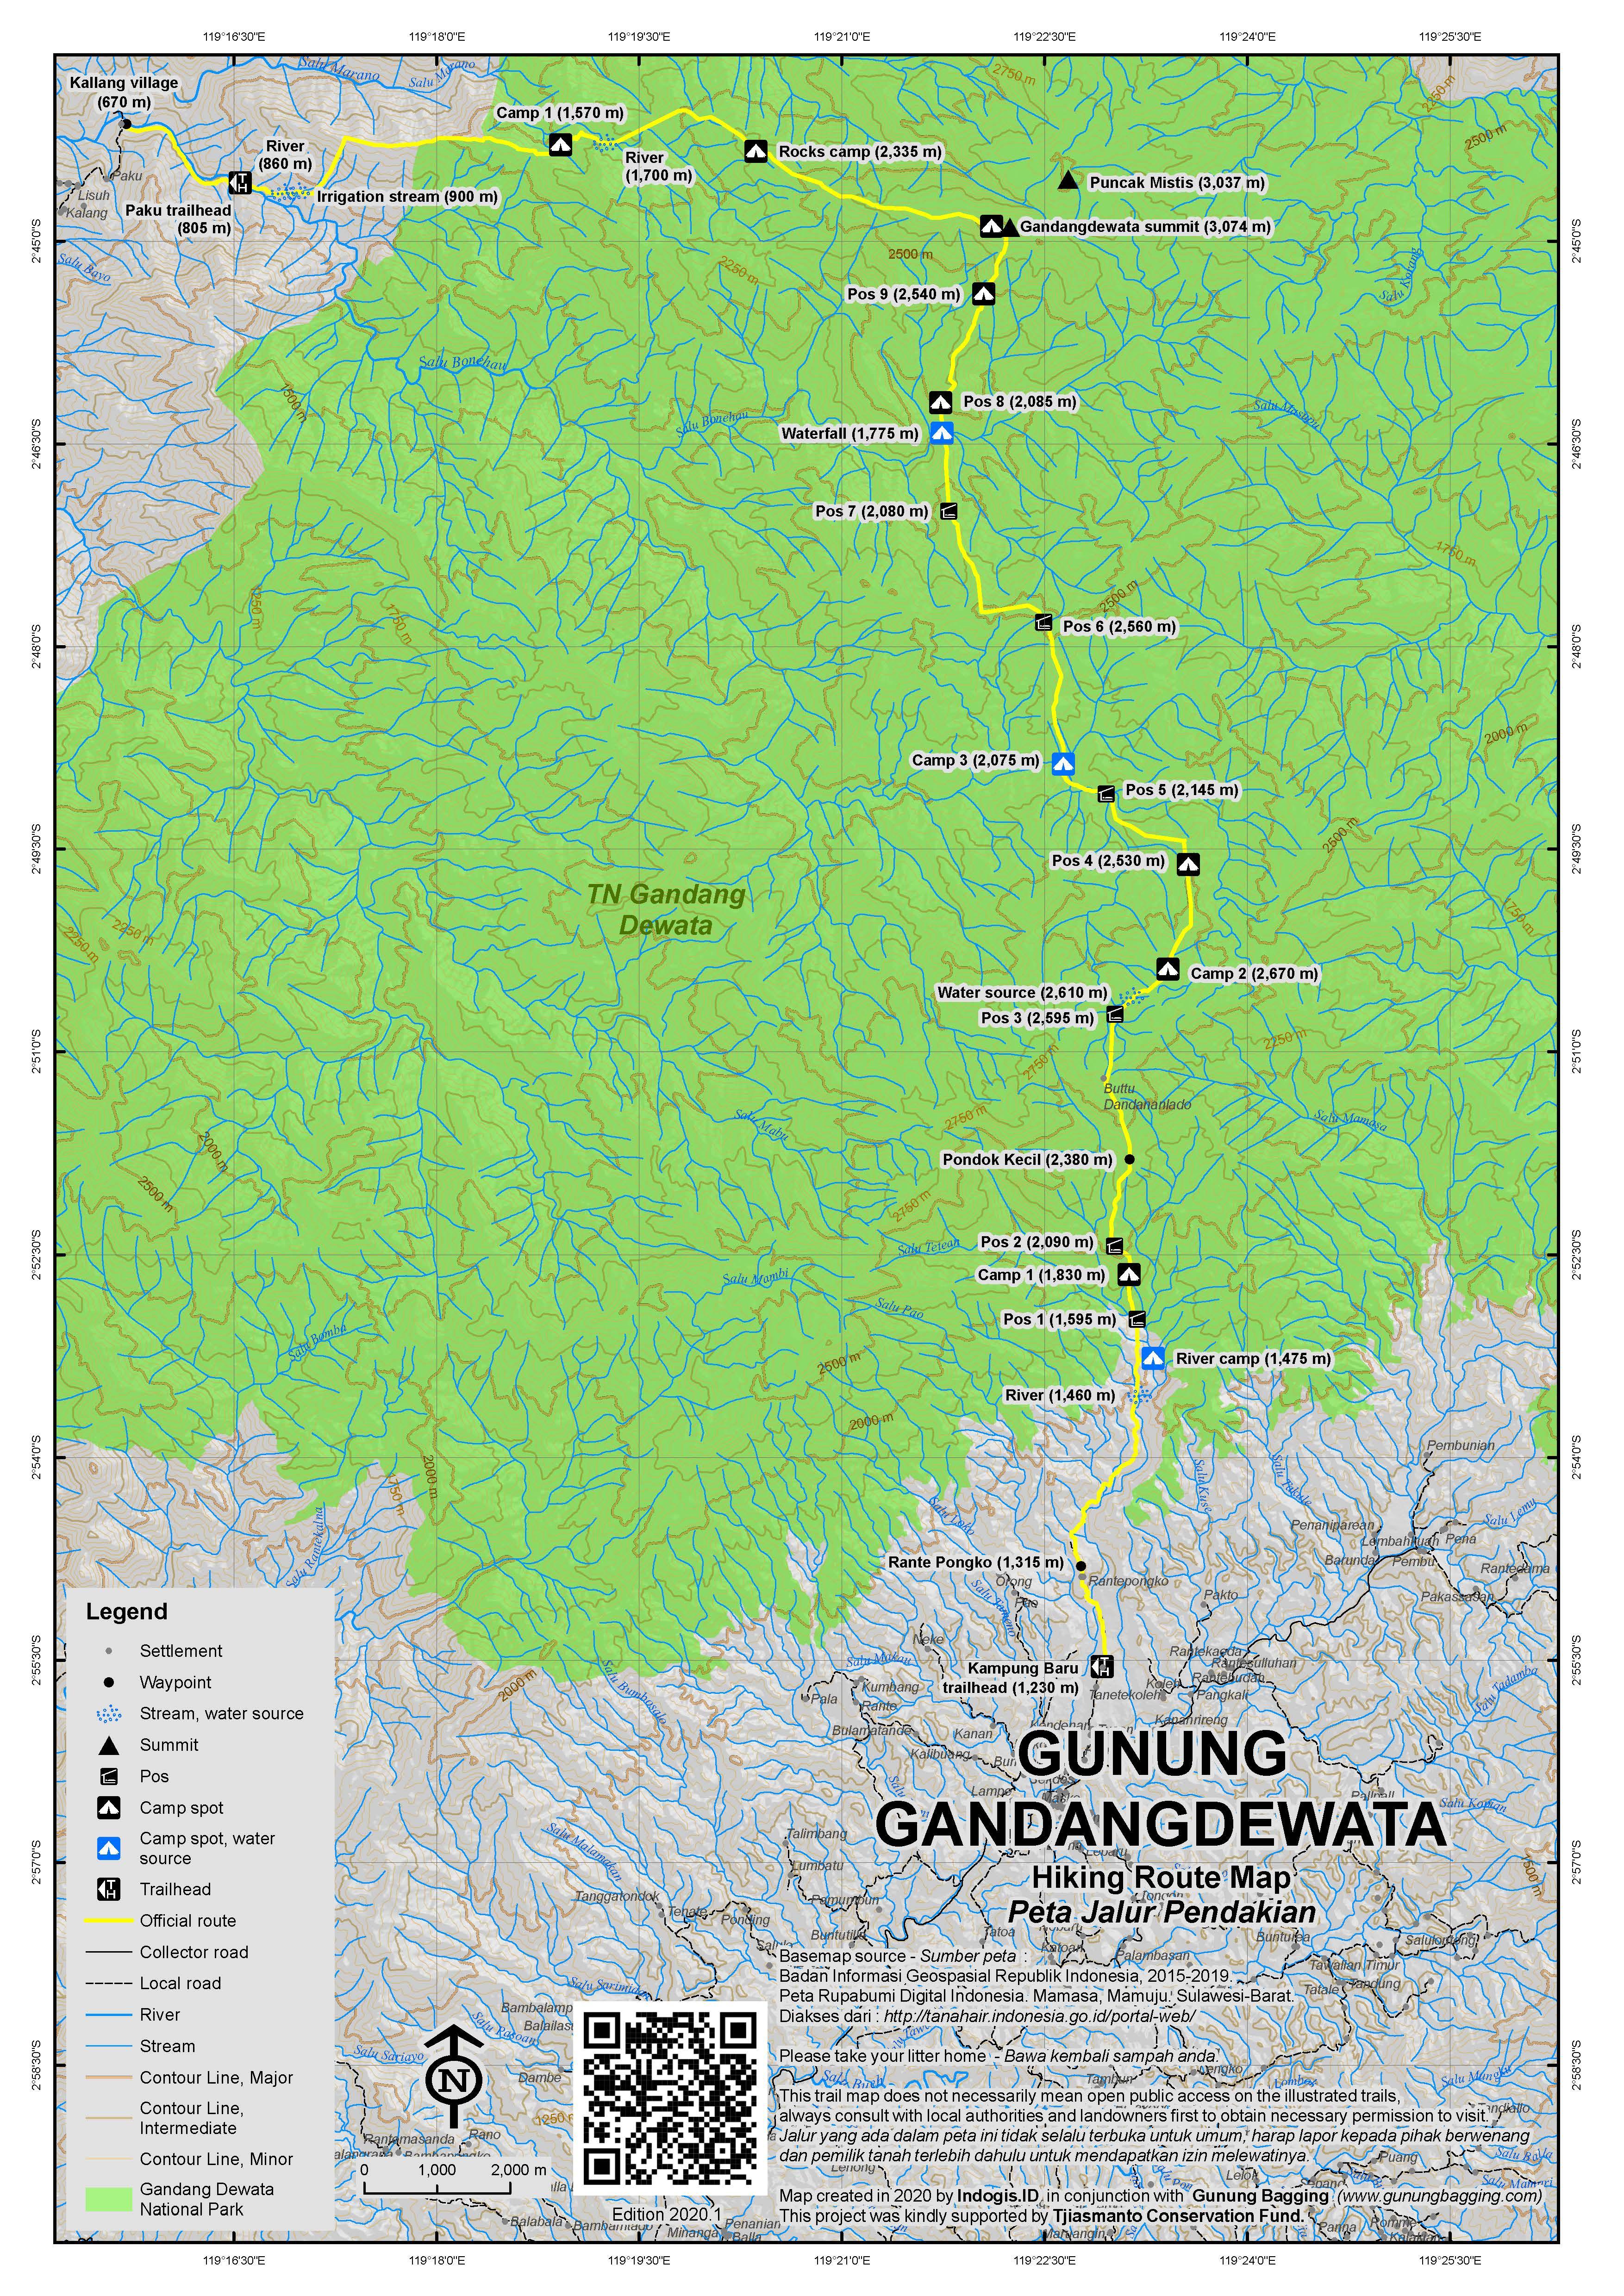 Peta Jalur Pendakian Gunung Gandangdewata